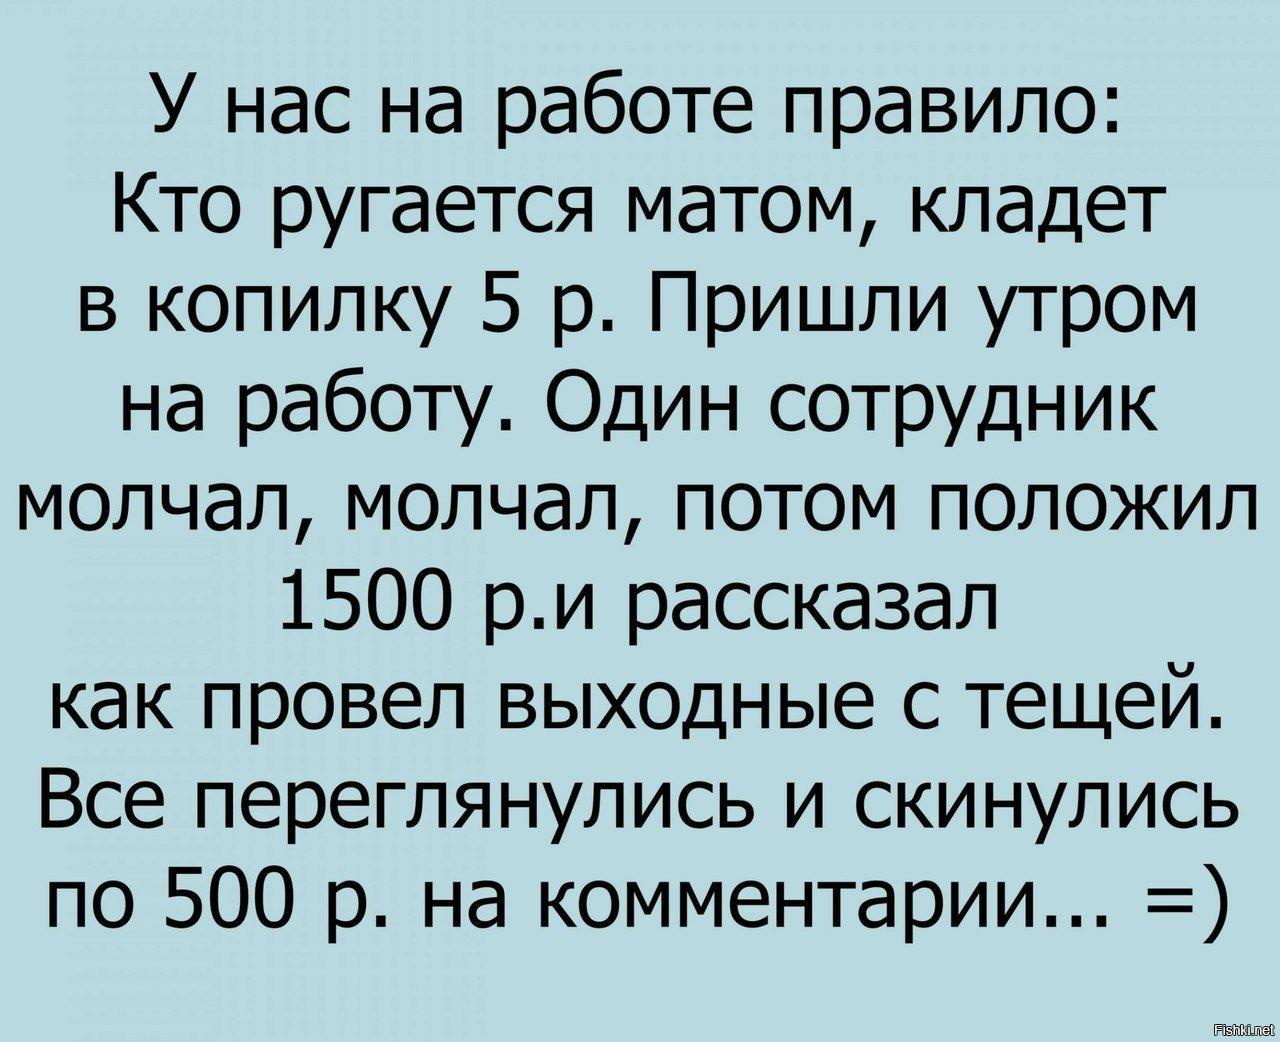 Ругаются русские матом бабы грязным